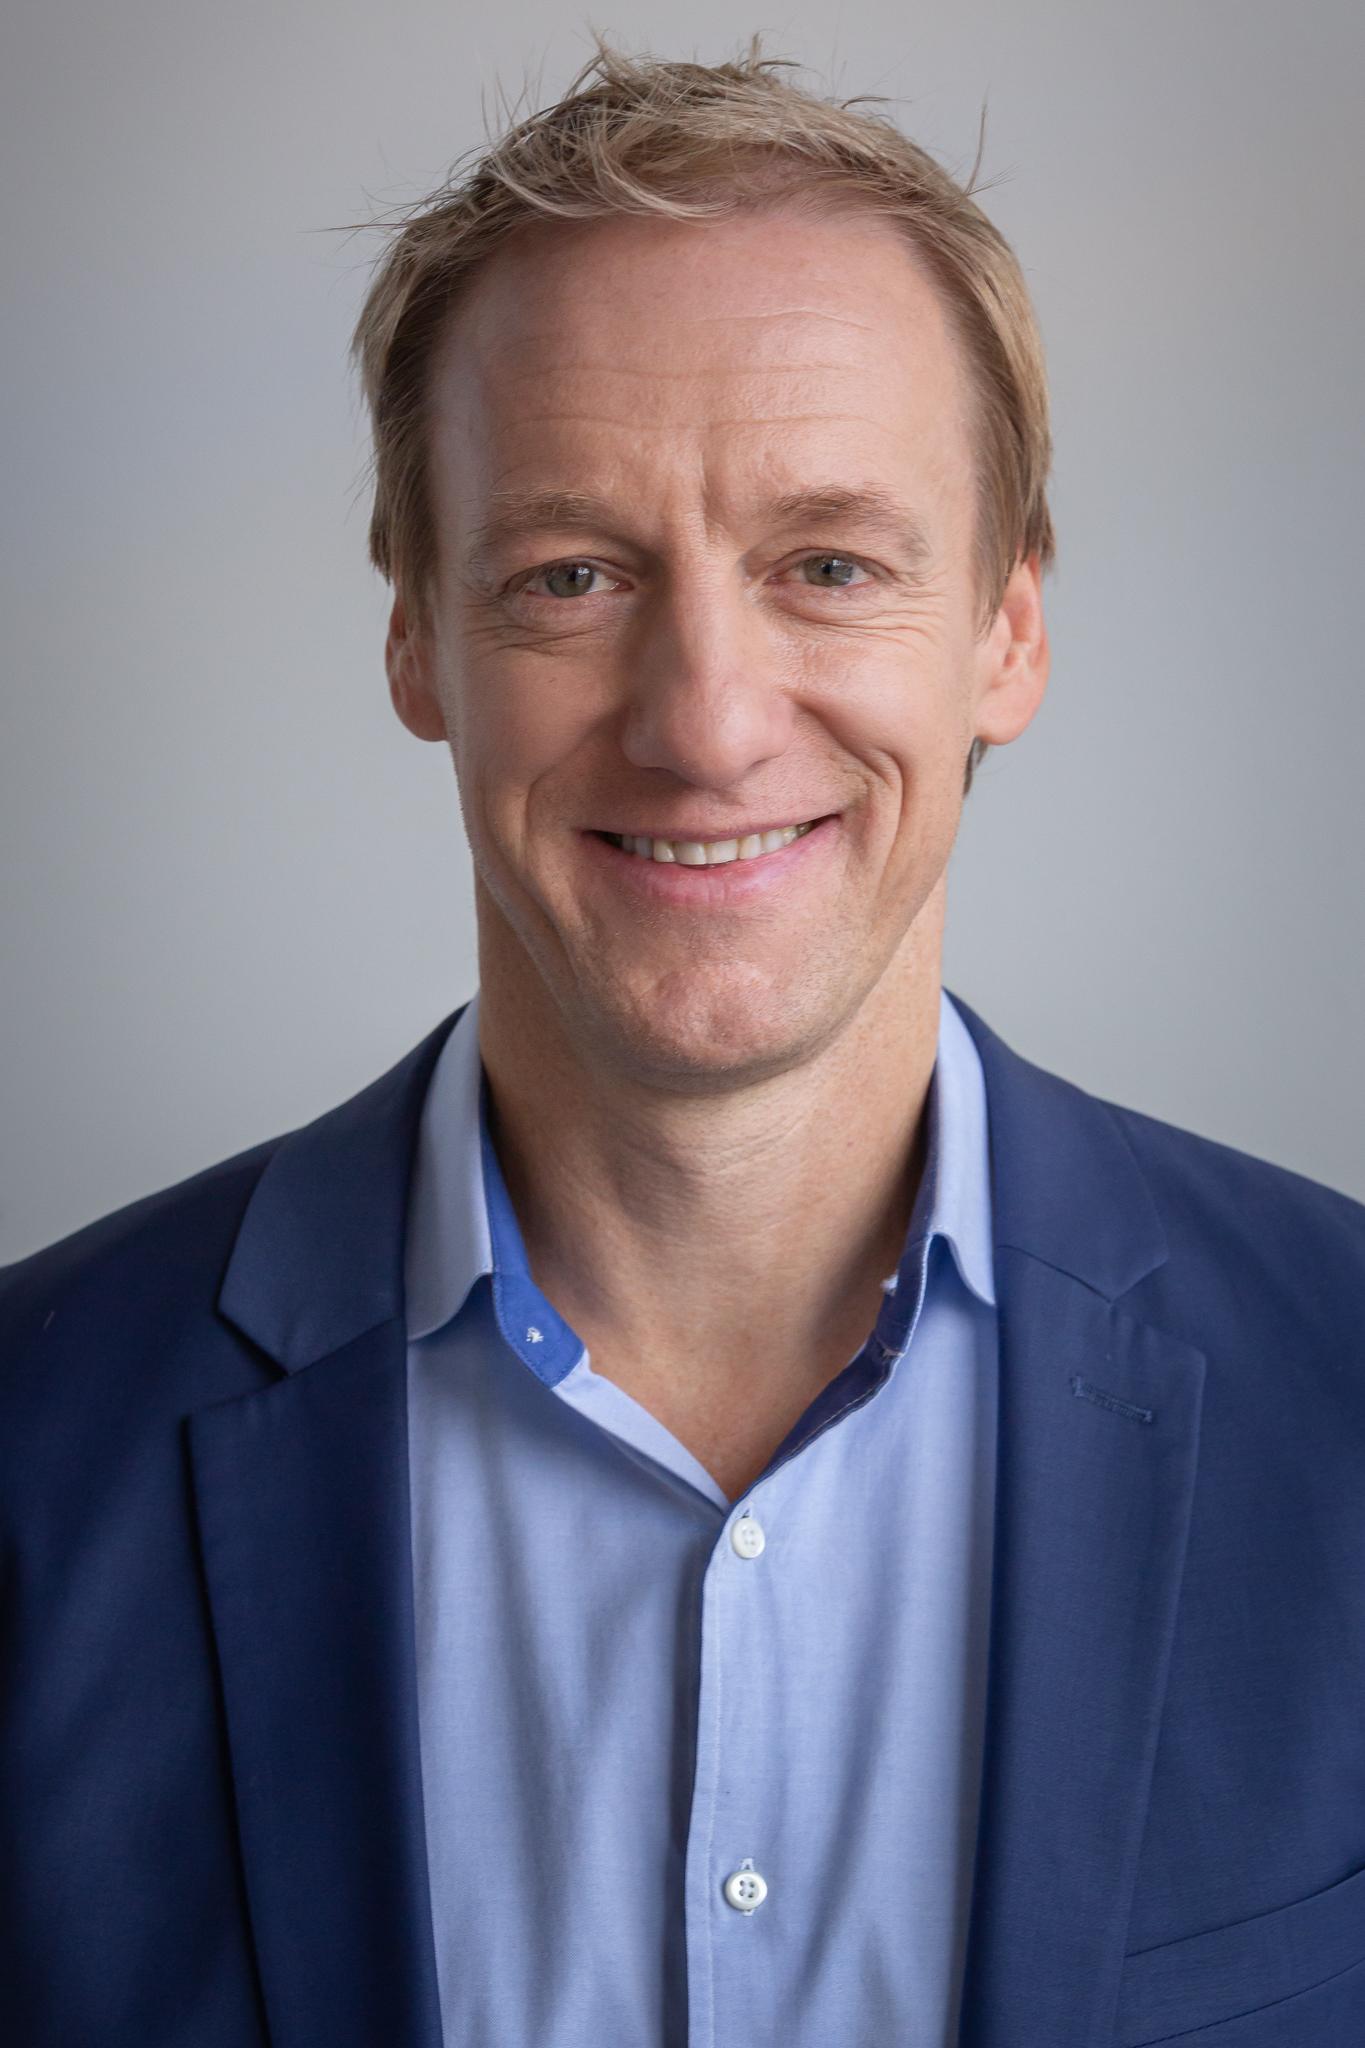 Blaise Dubois